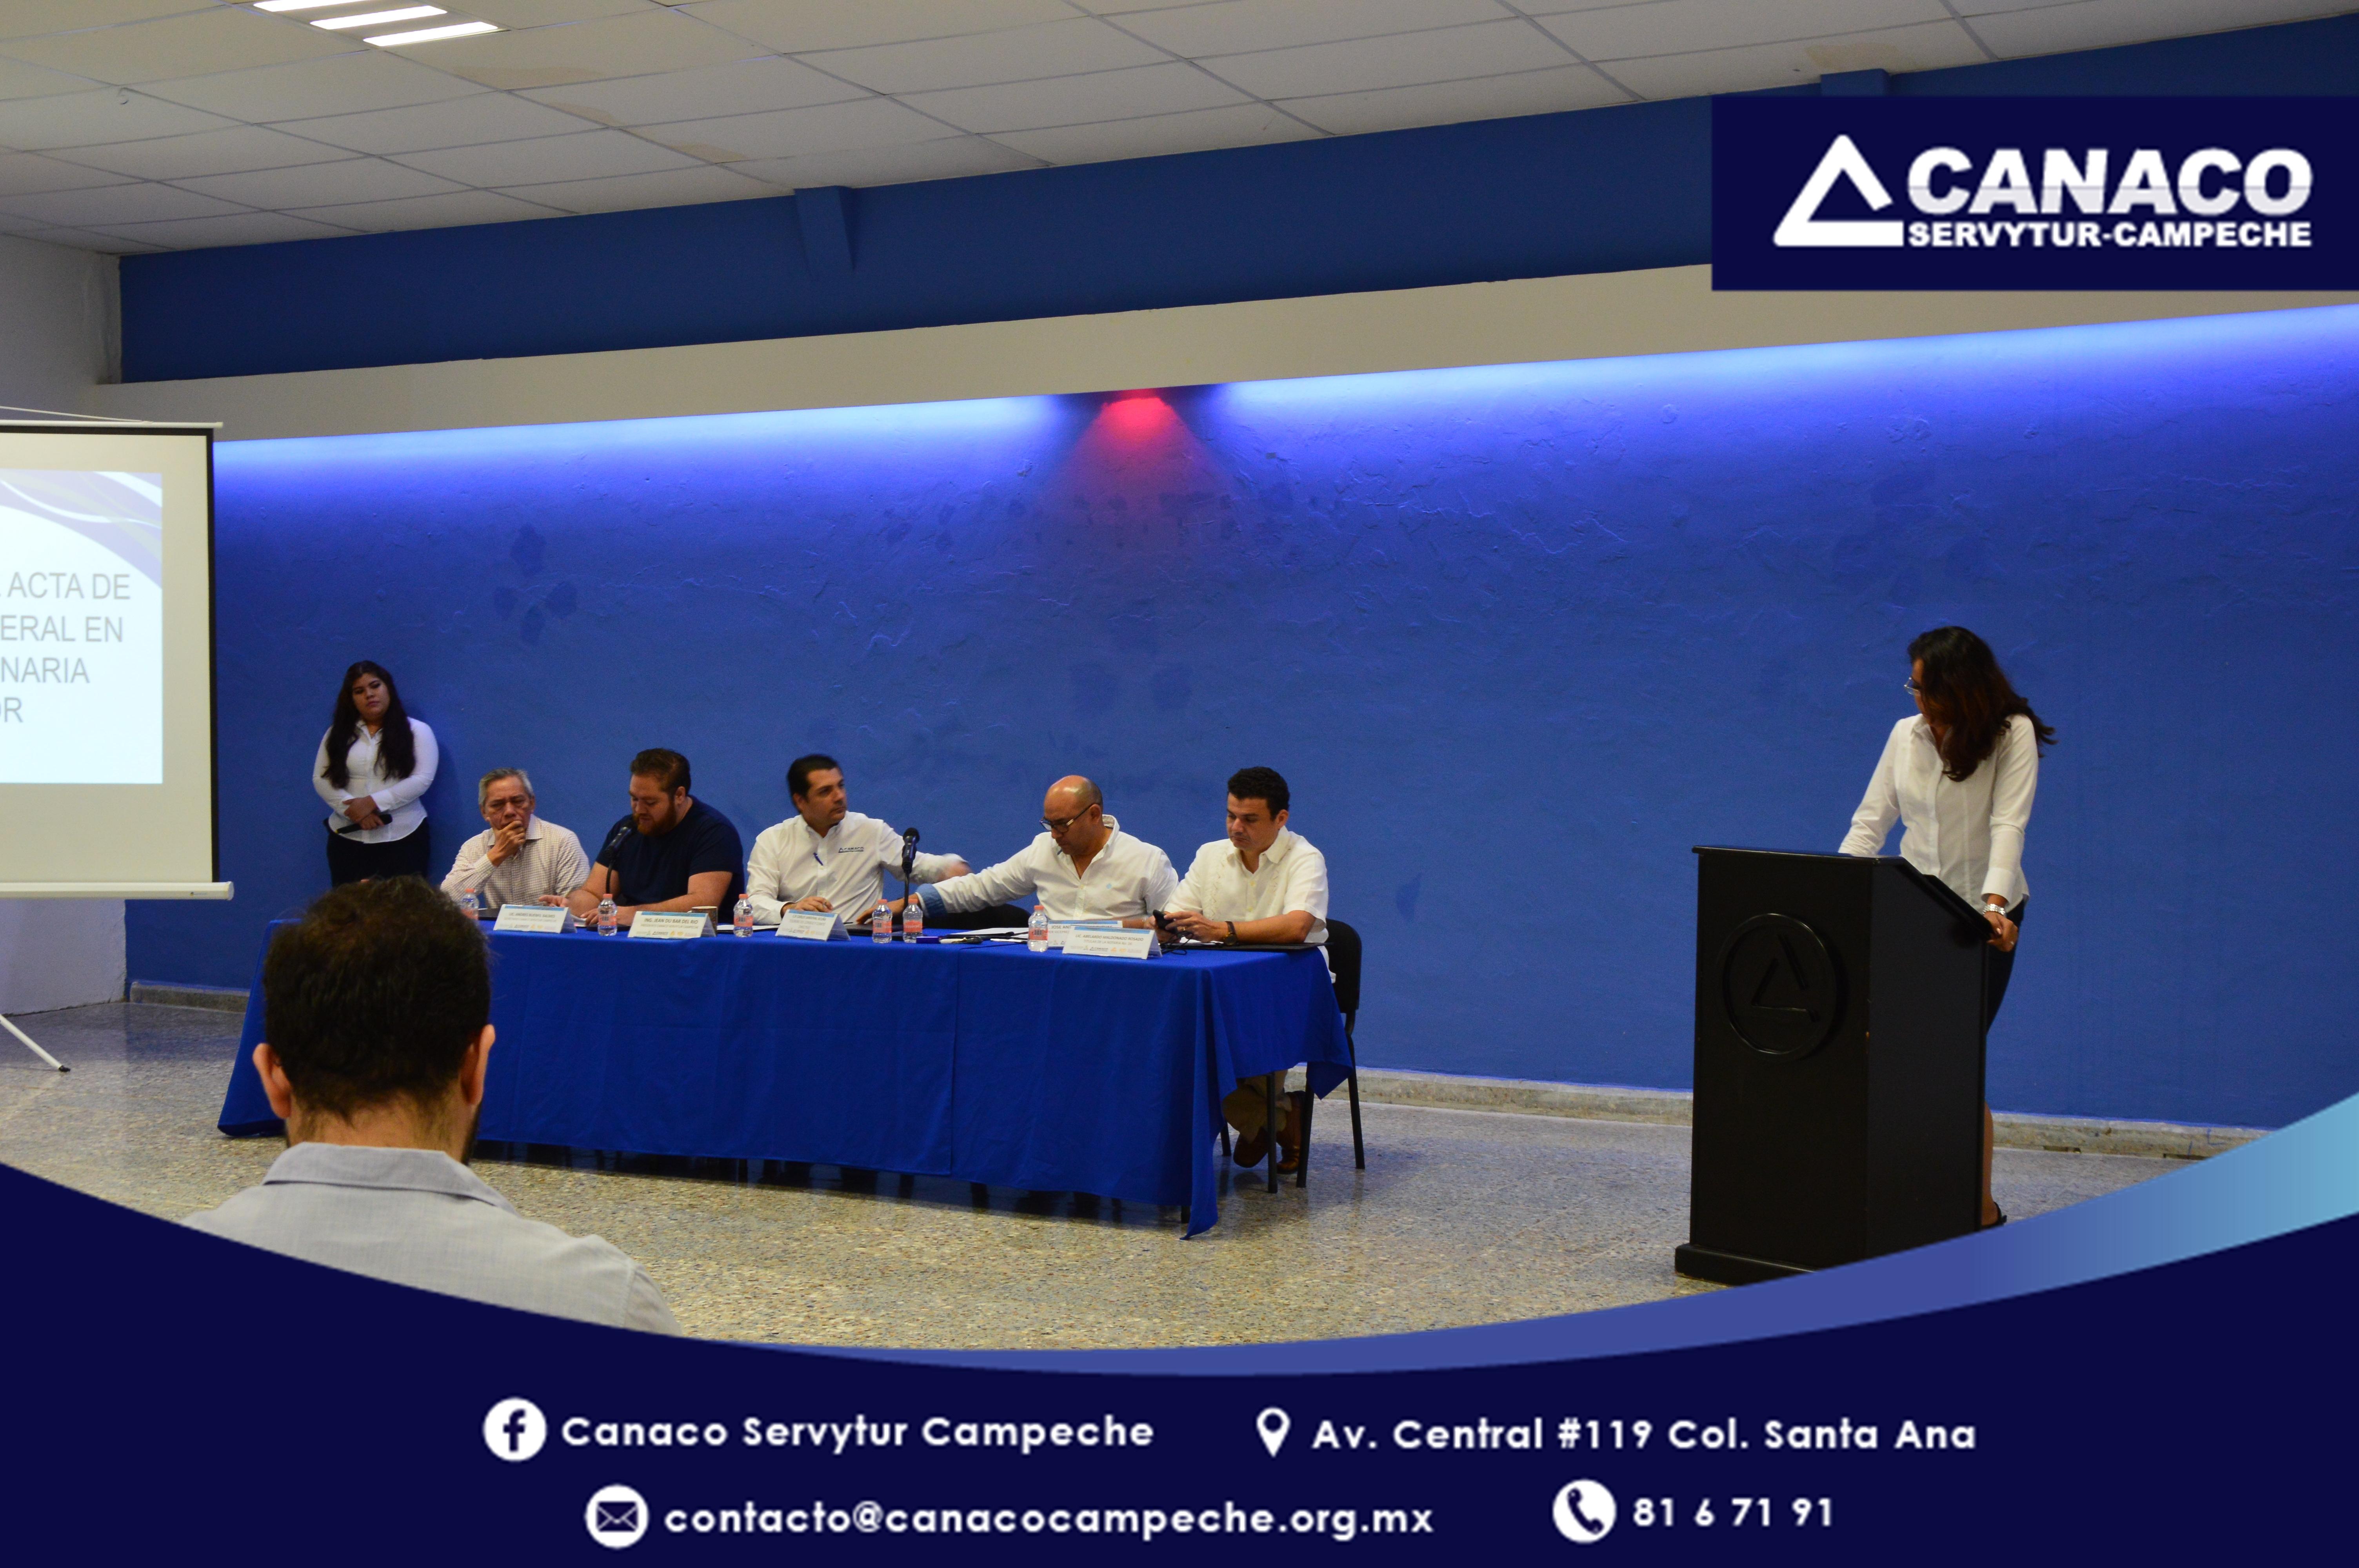 AsambleaGeneral002